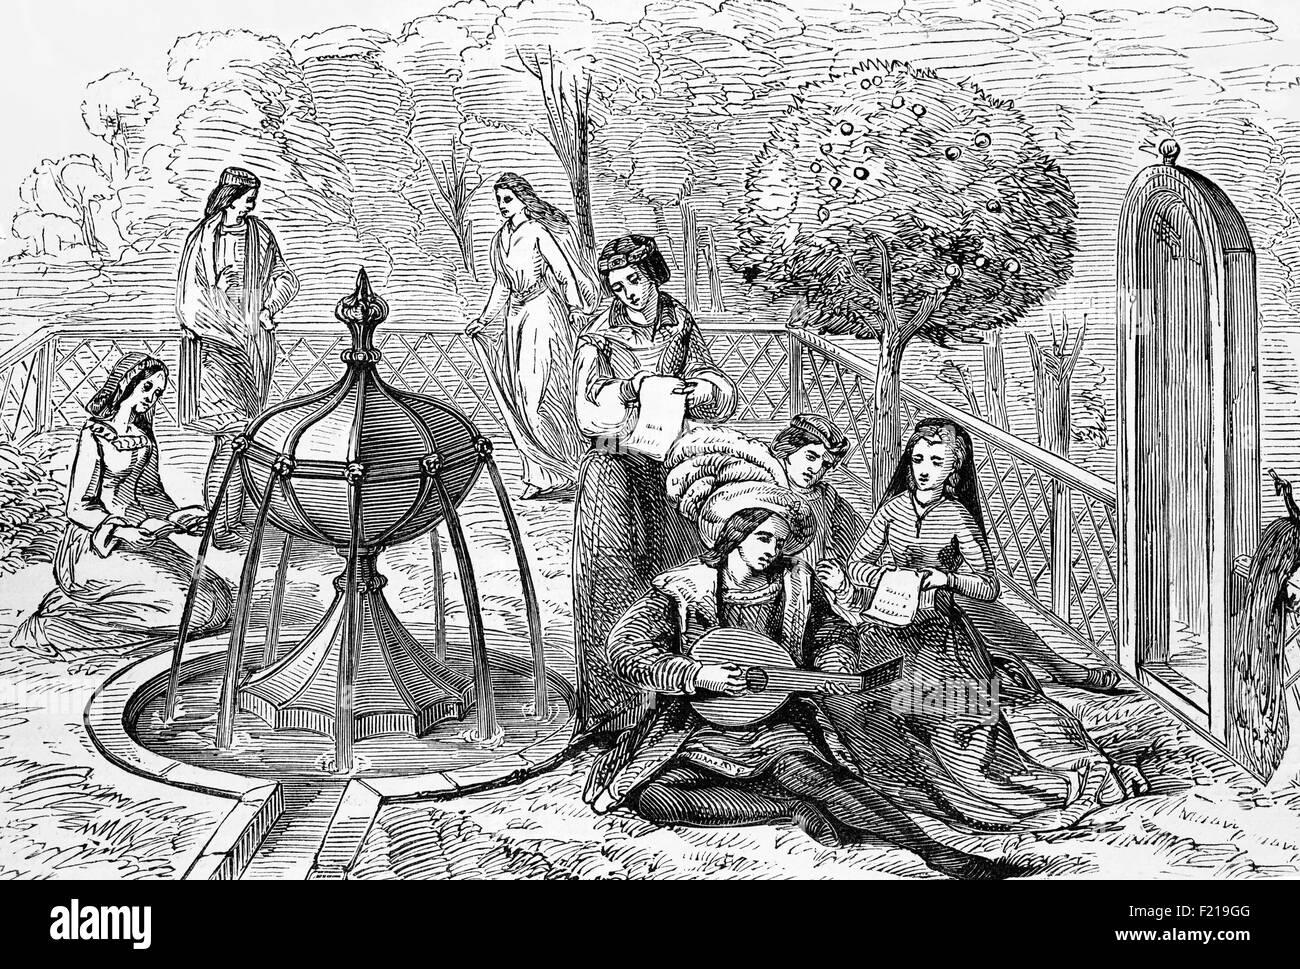 Die Aristokratie amüsant sich im späten 15. Jahrhundert in England Stockbild